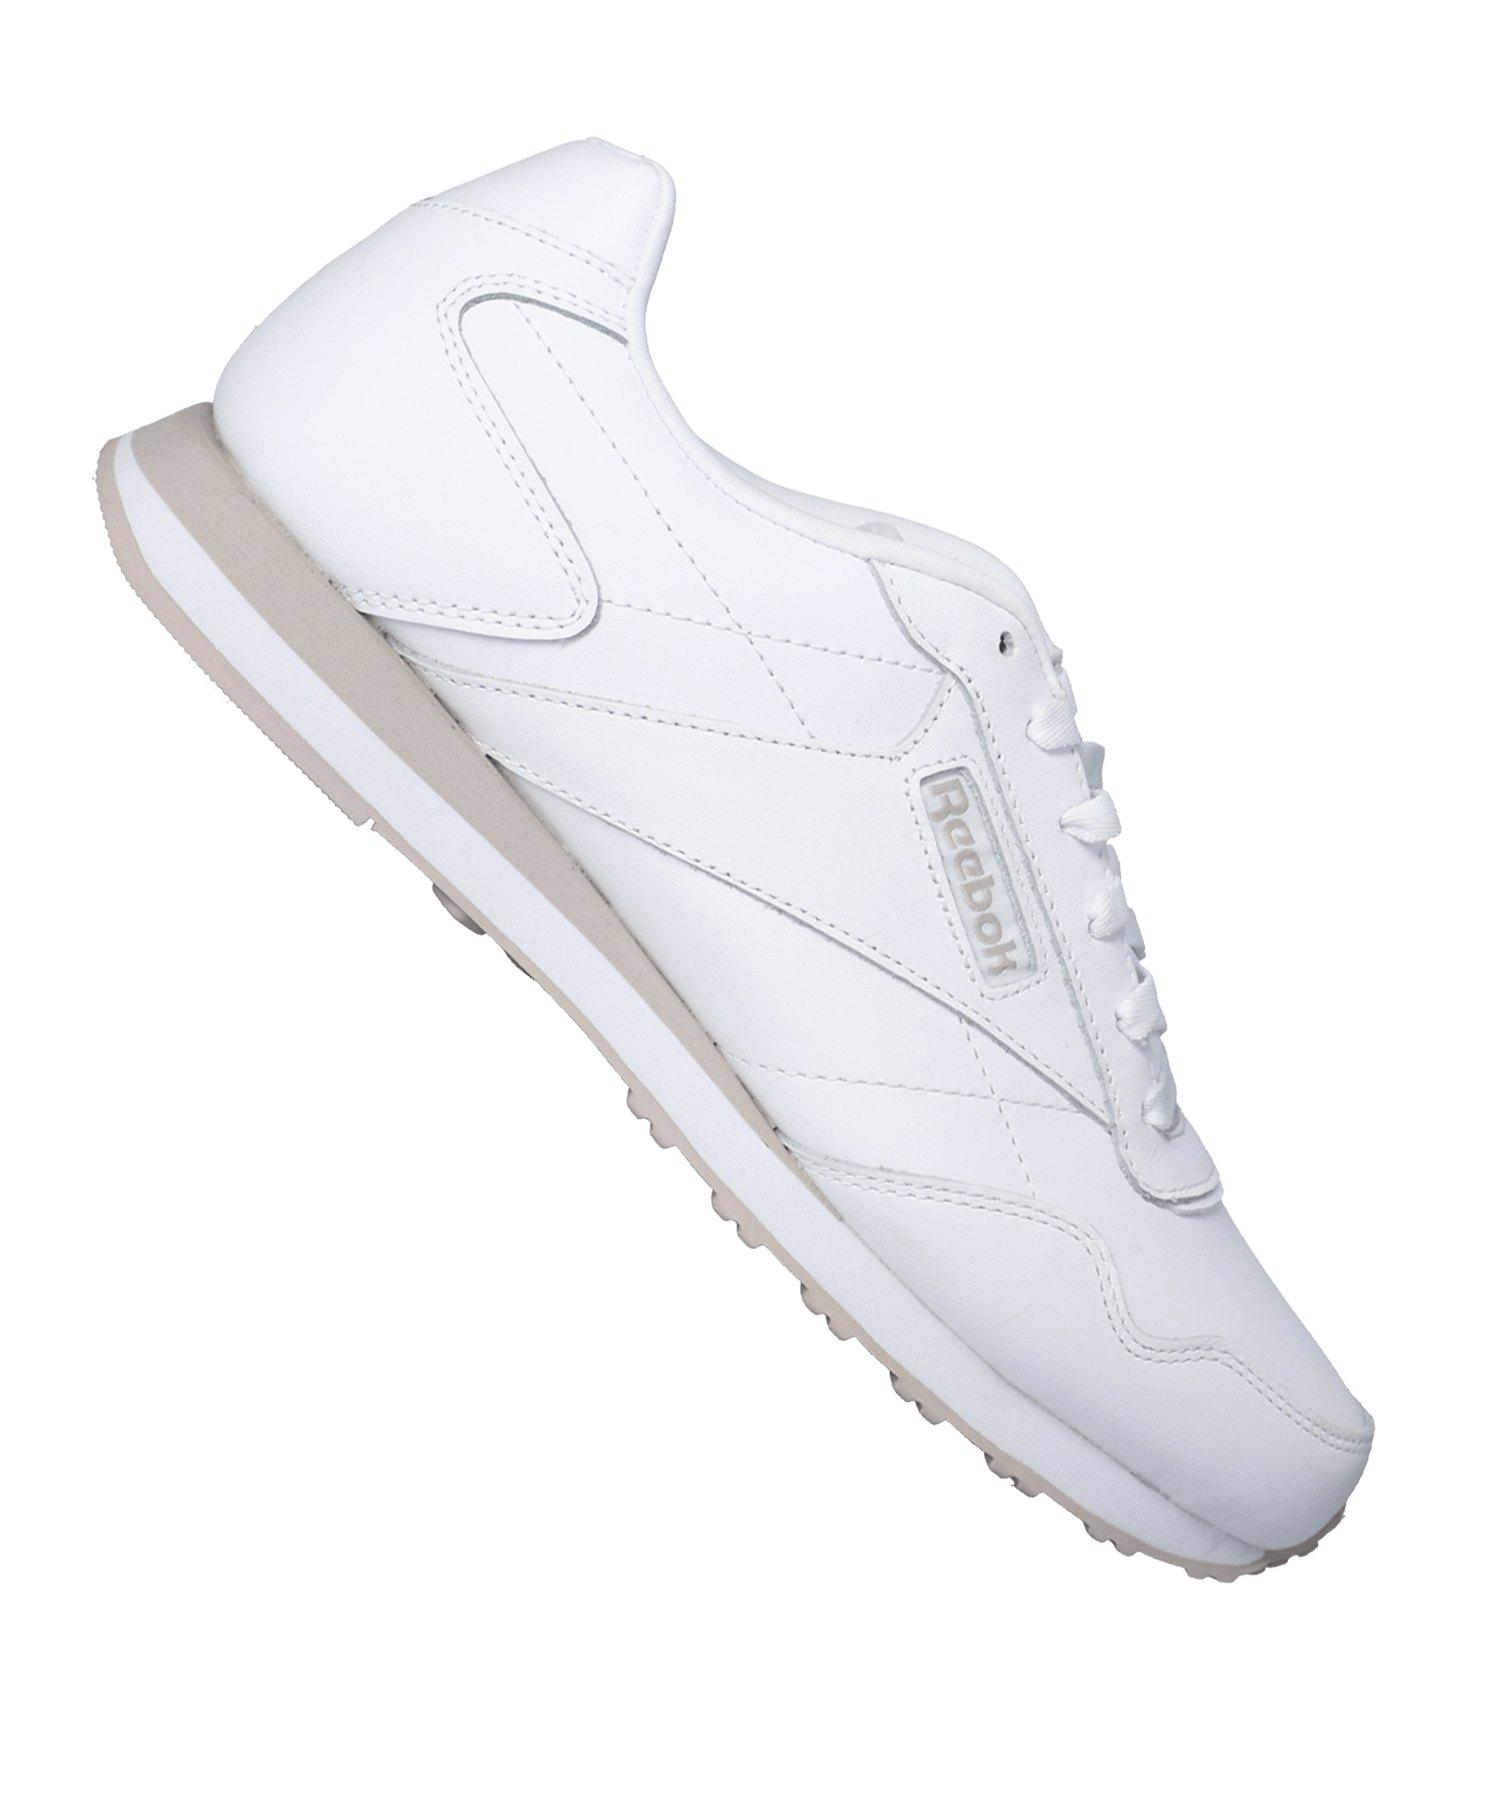 Reebok Royal Glide LX Sneaker Weiss - weiss